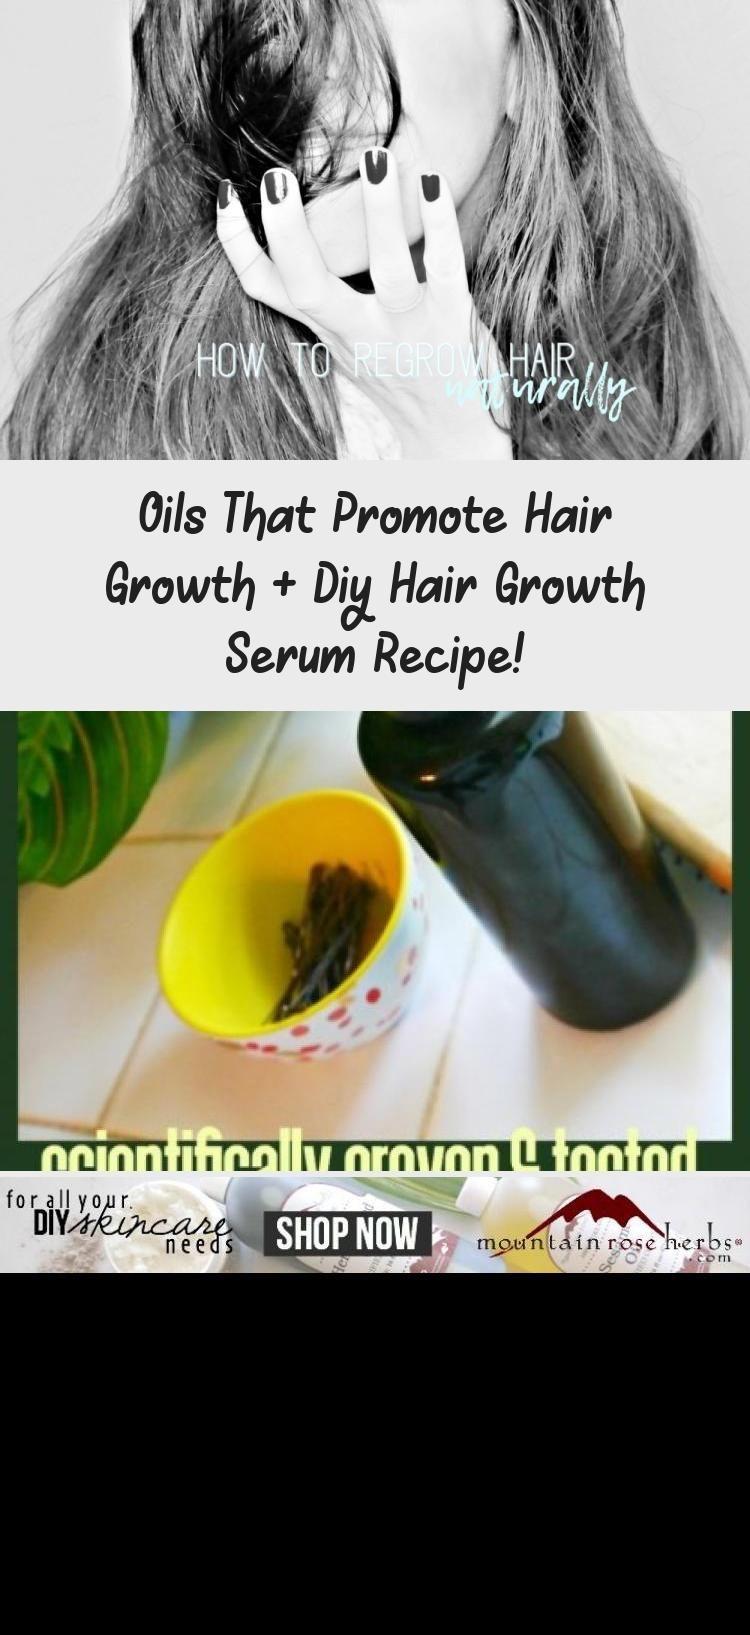 Oils that Promote Hair Growth + DIY Hair Growth Serum